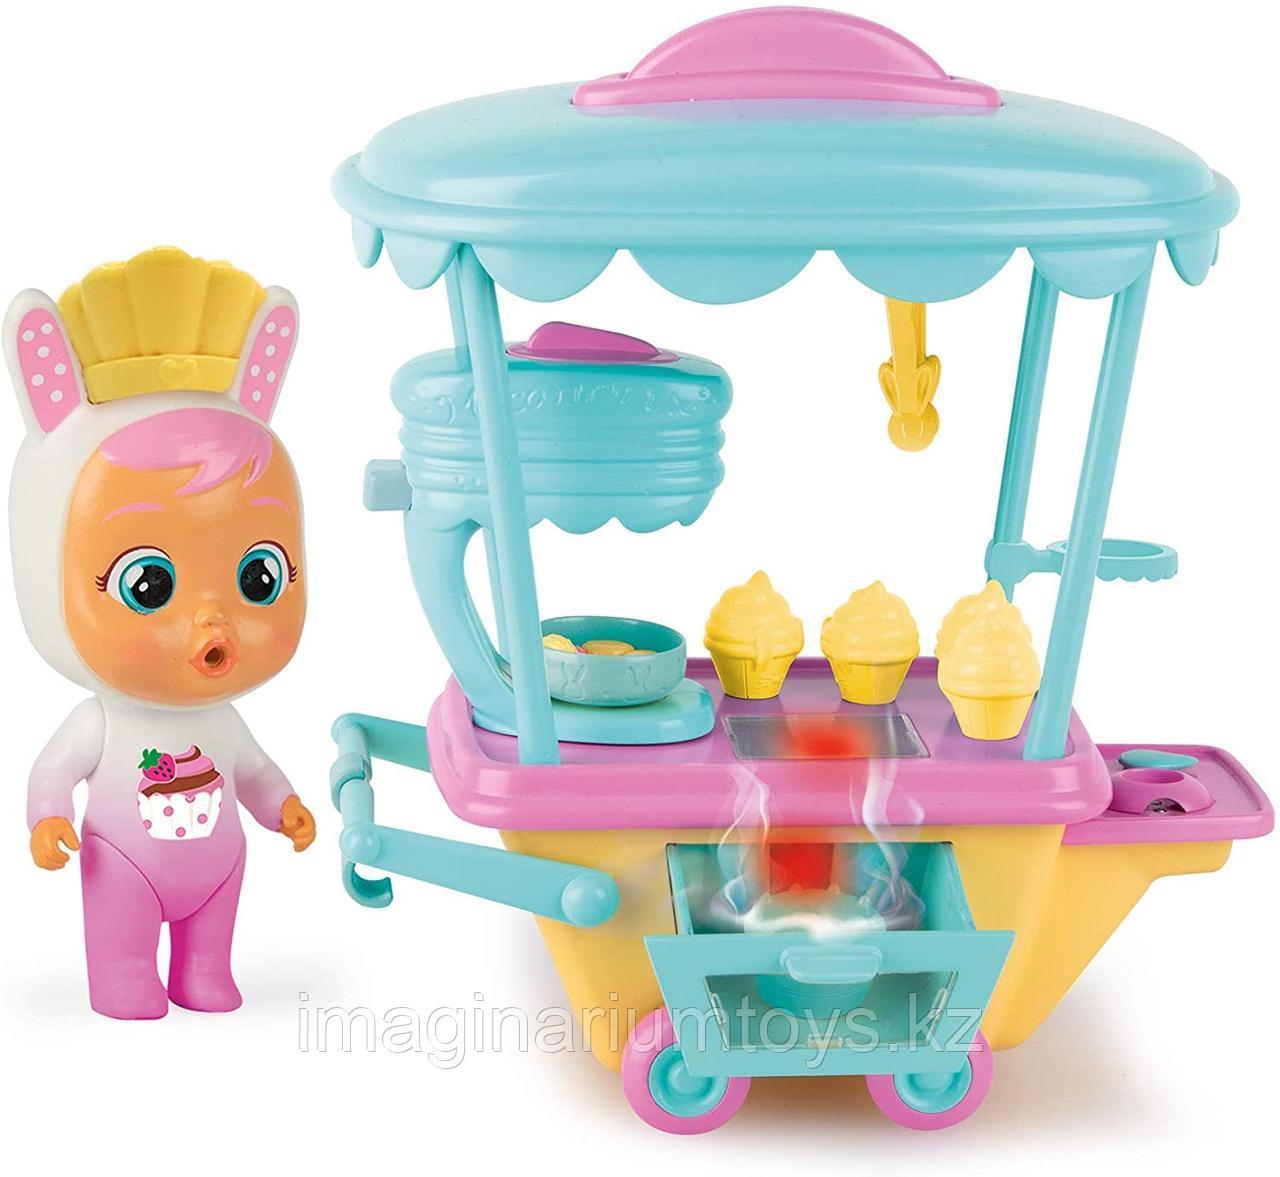 Cry Babies игровой набор интерактивная пекарня с куклой Кони - фото 1